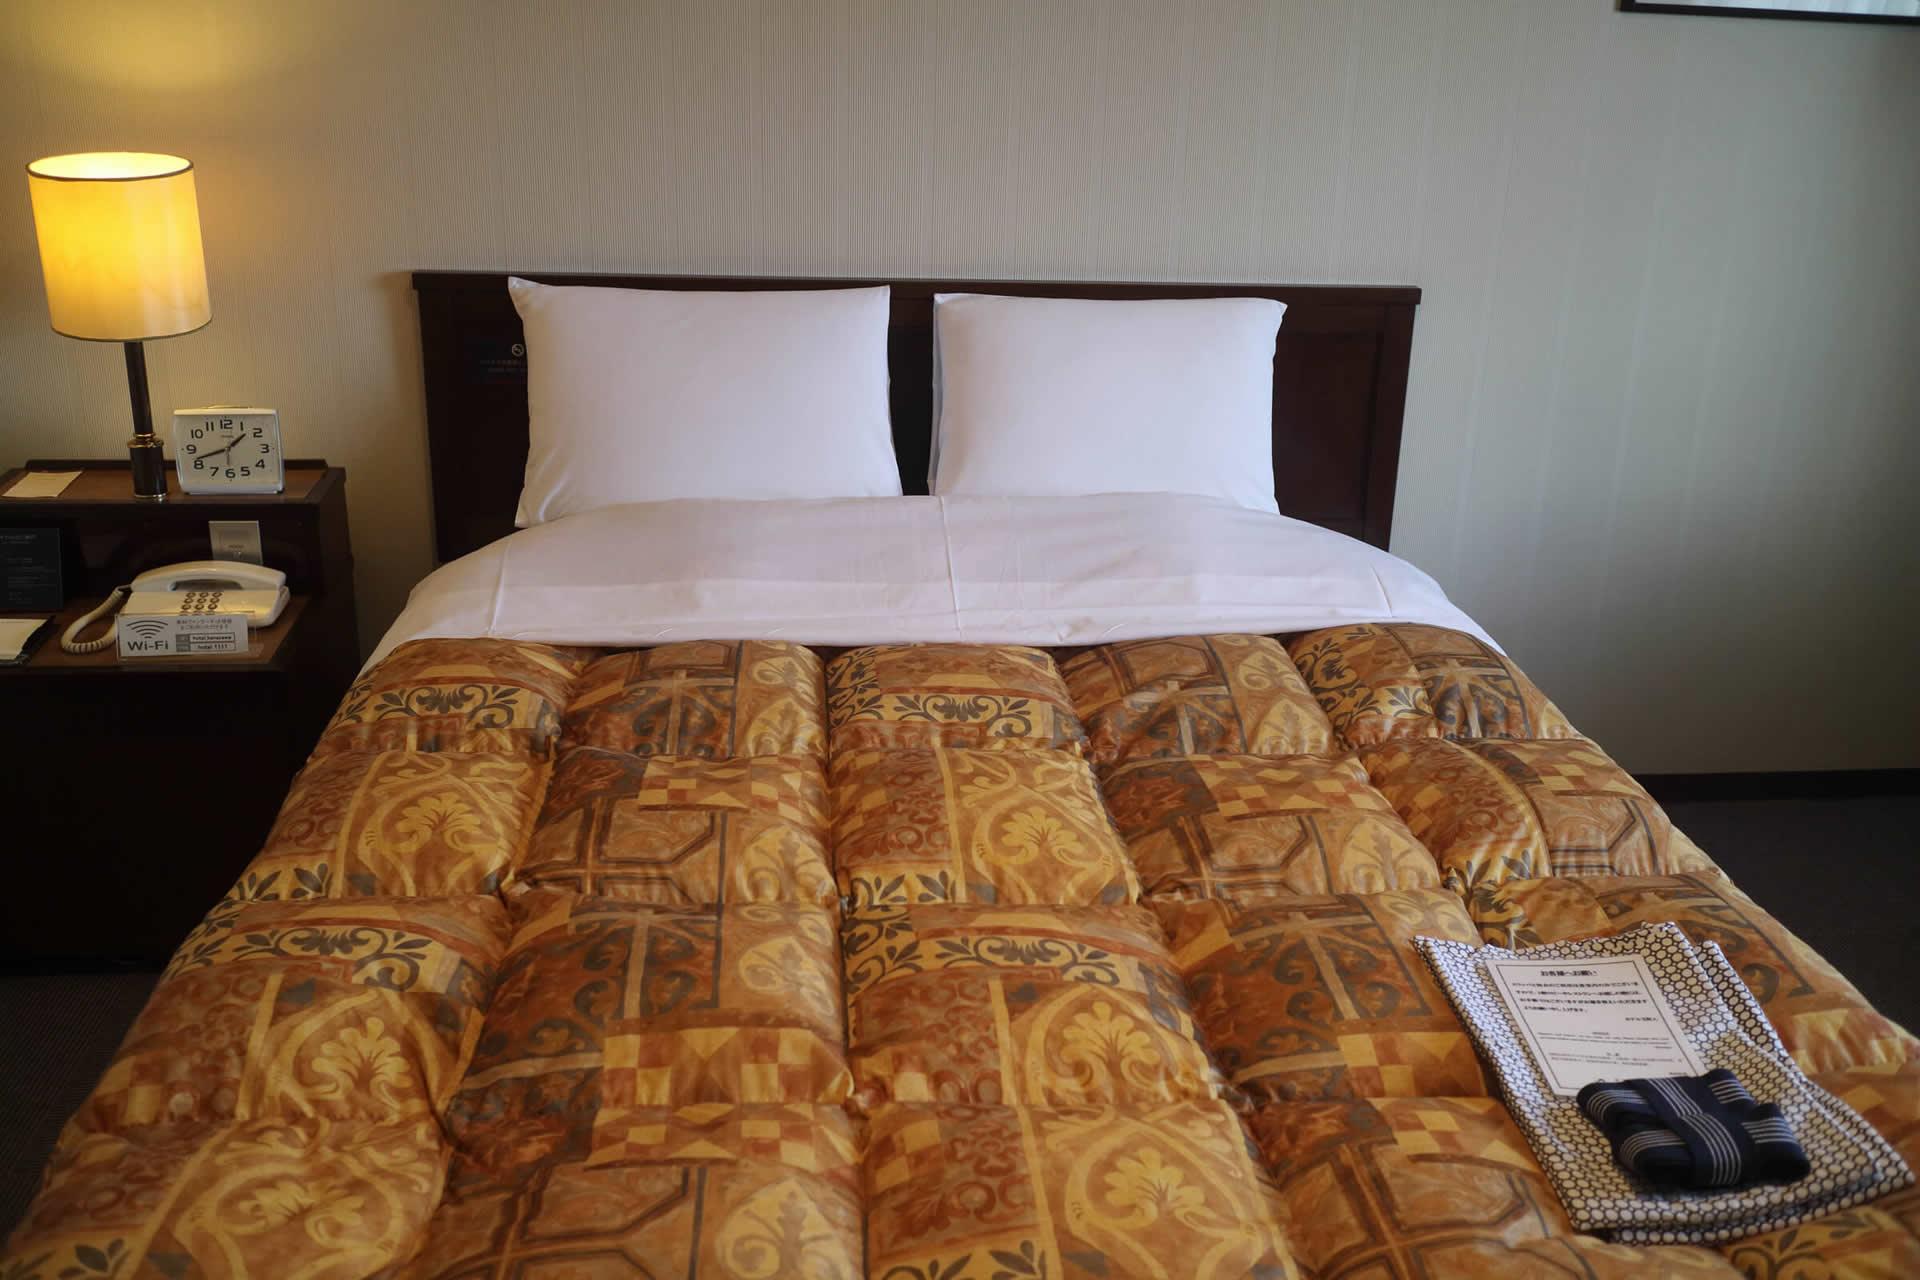 Accommodations|HOTEL KANAZAWA